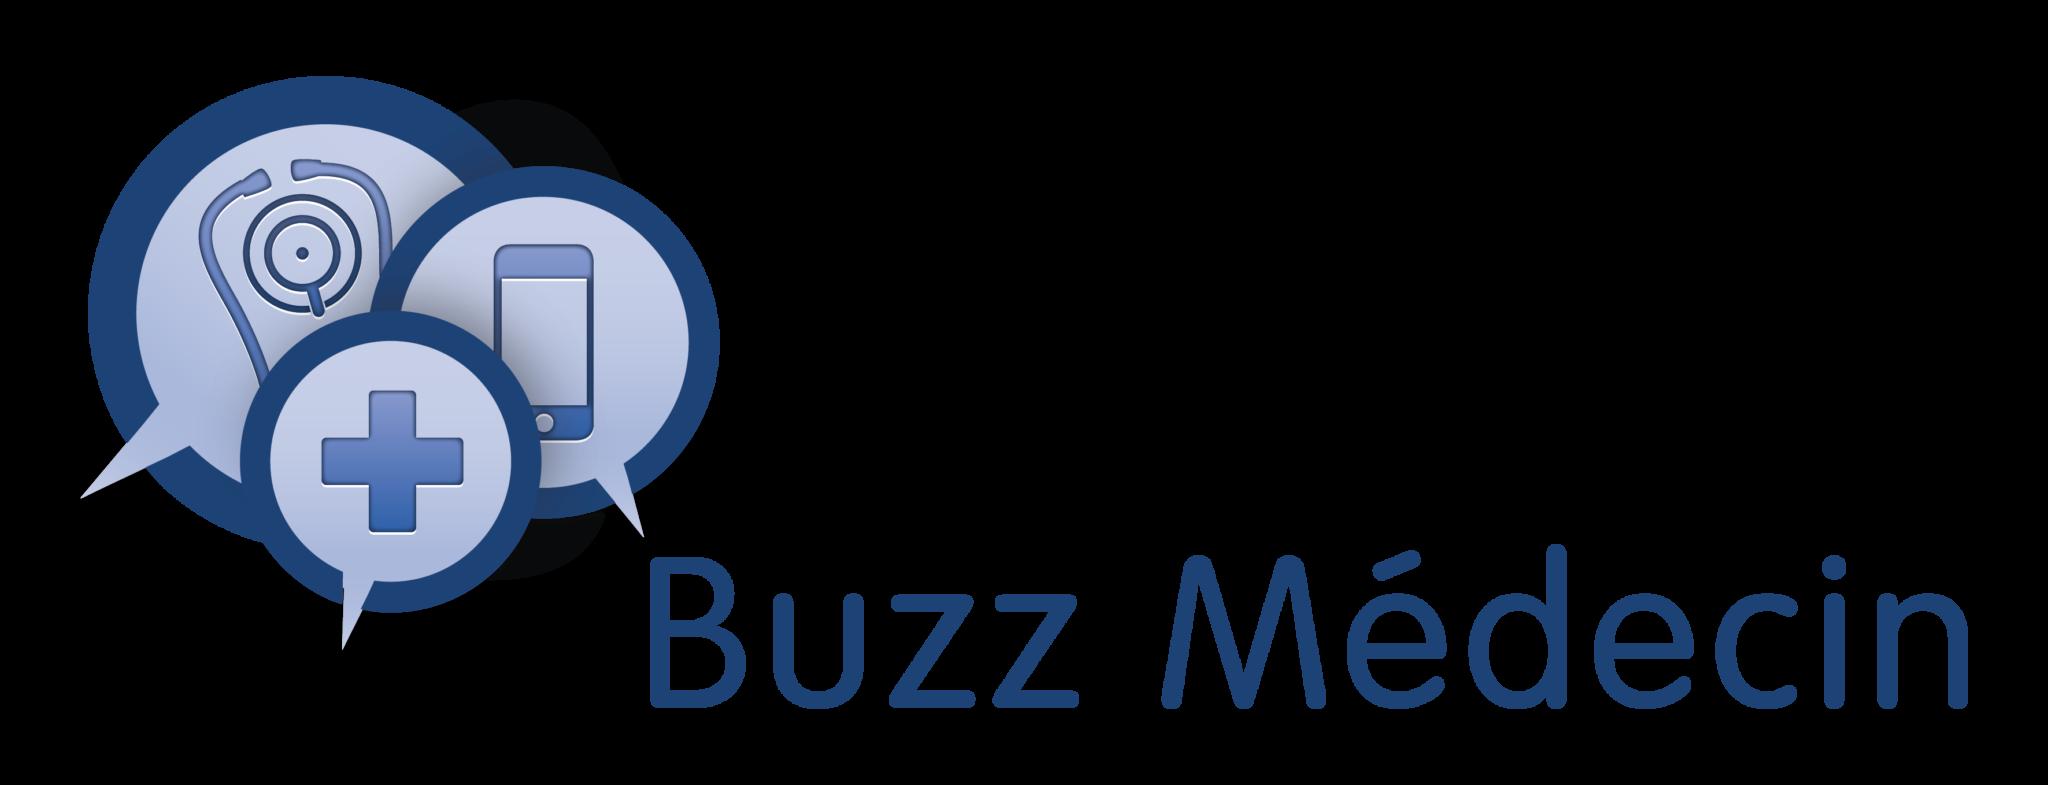 Buzz médecin partenaire de SANTEXPO